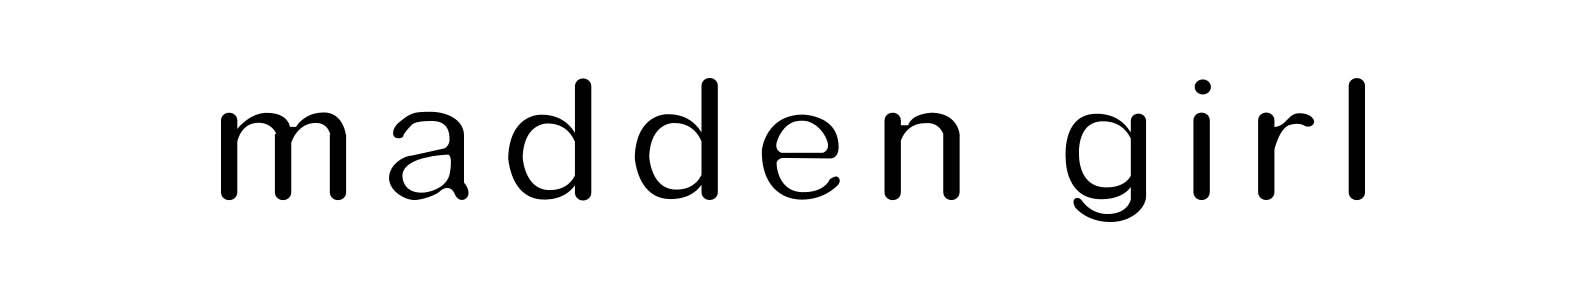 Madden Girl brand header image